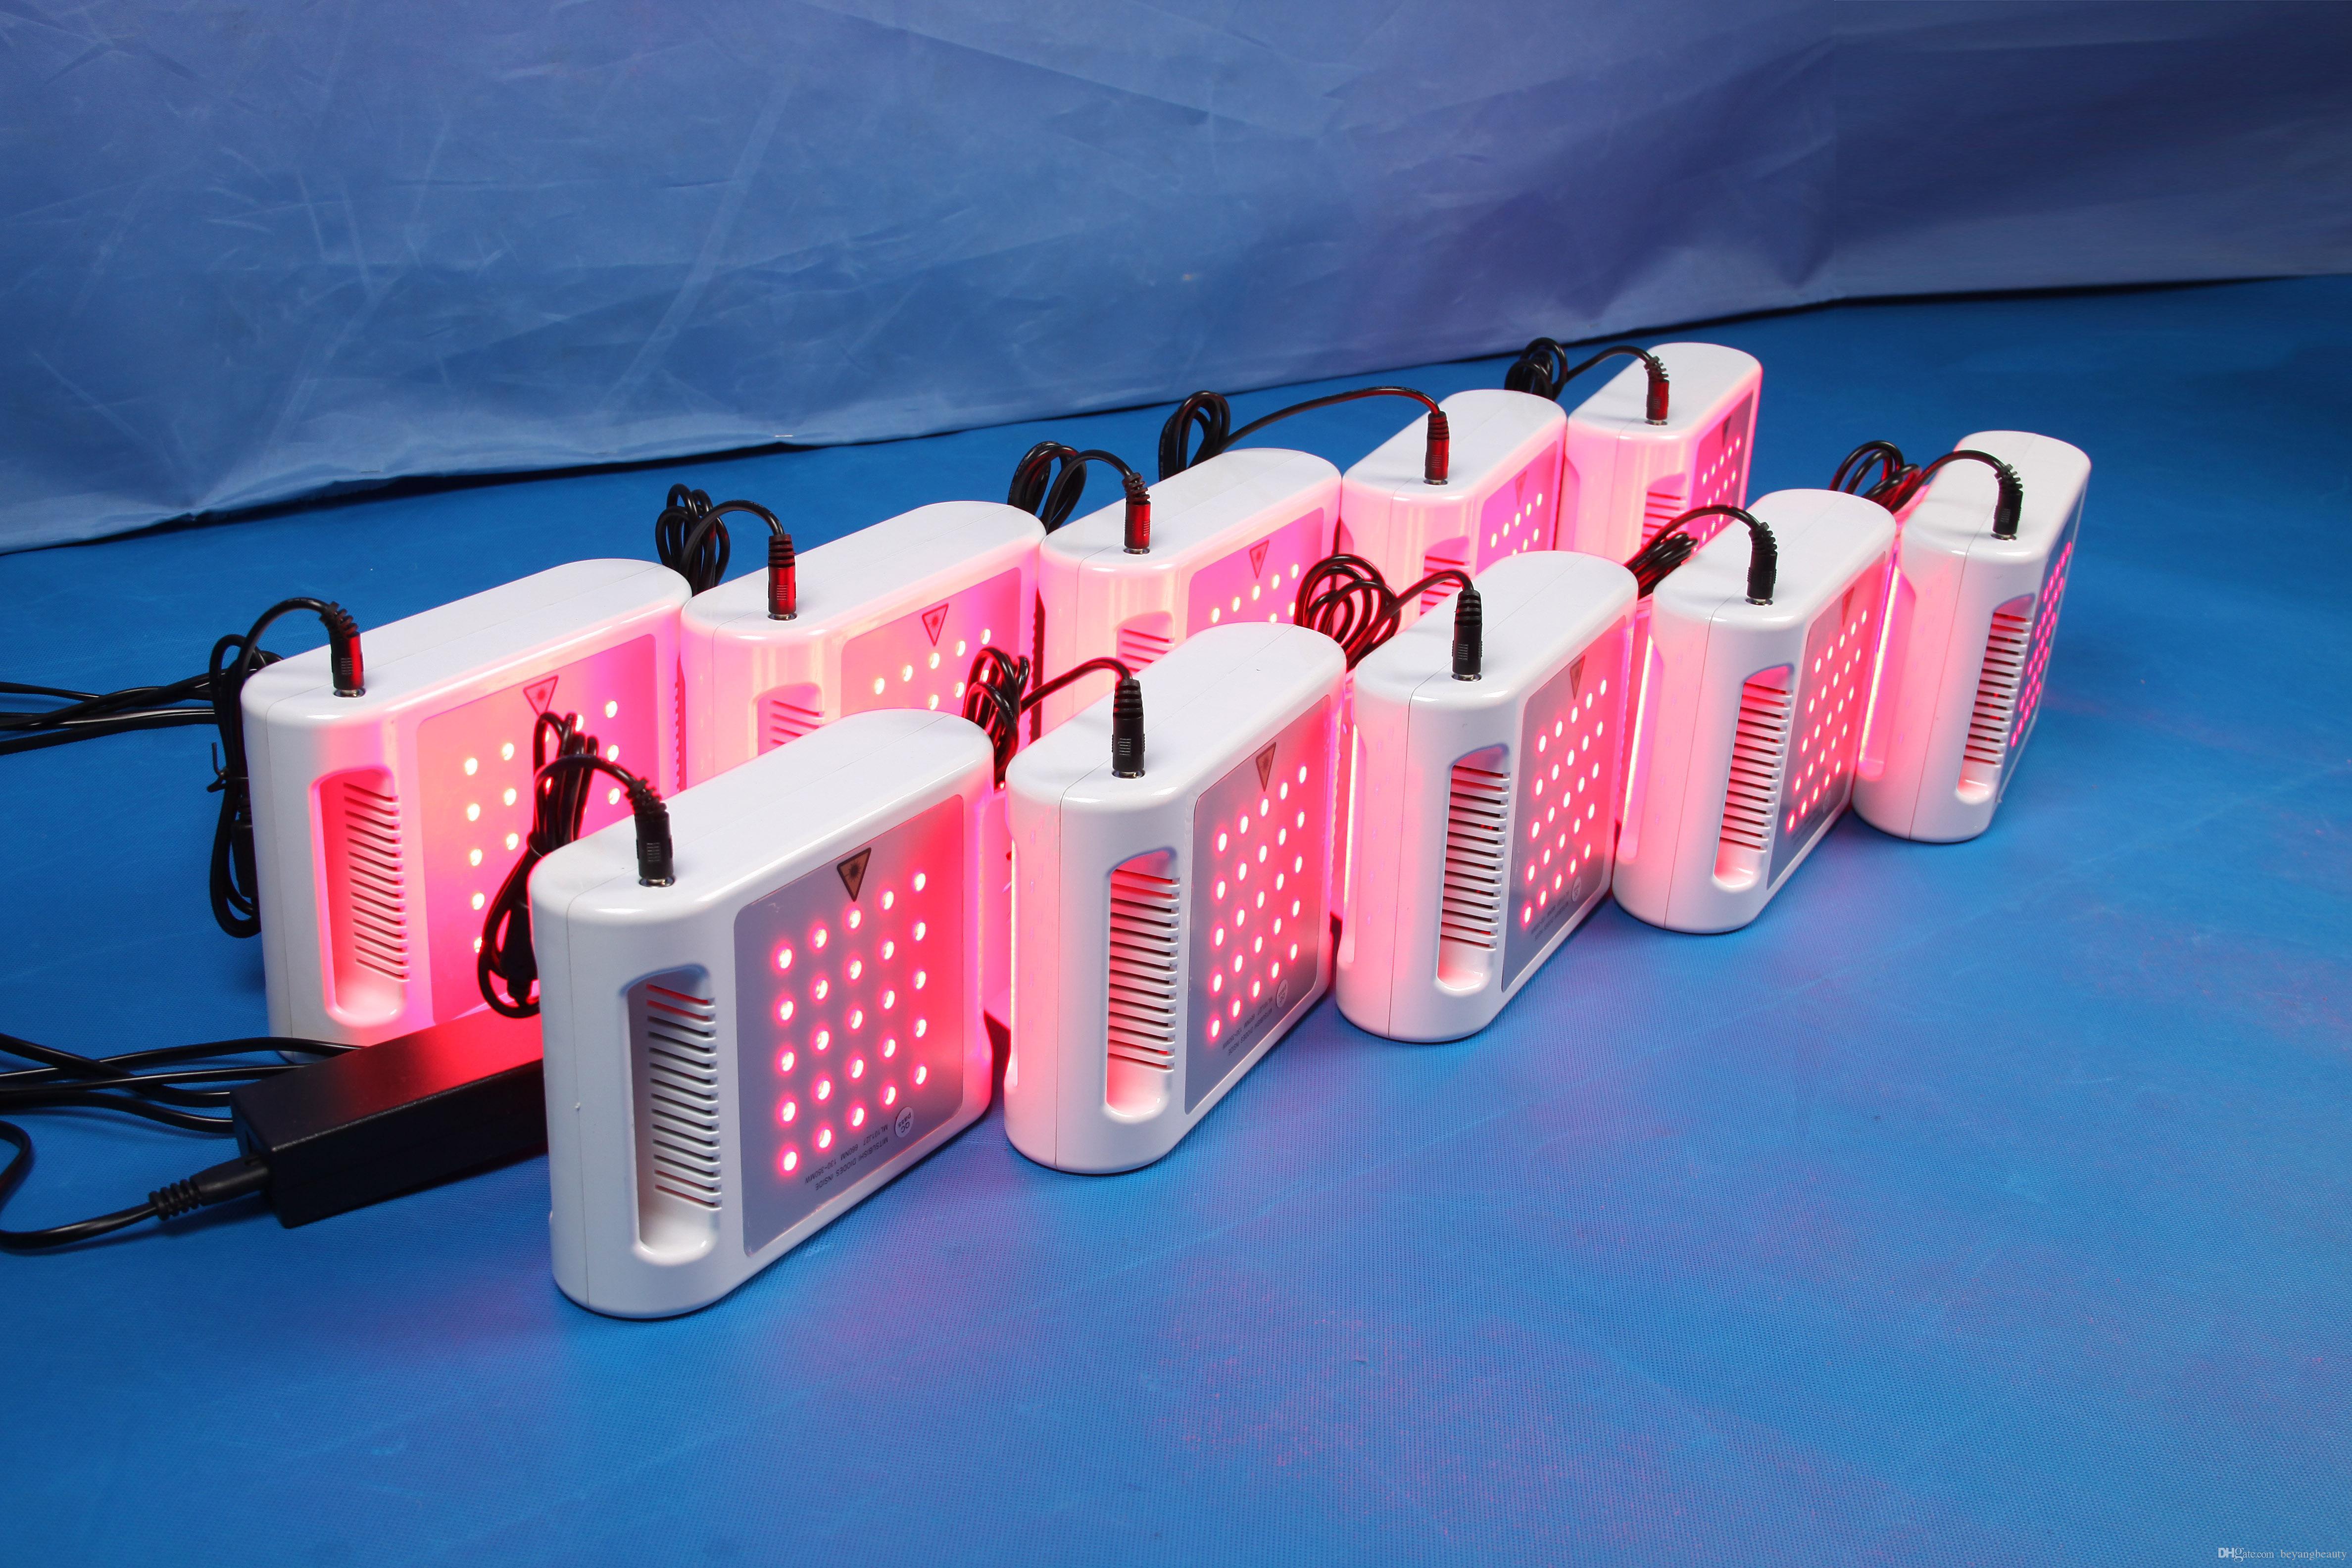 Buon prezzo all'ingrosso diodo laser a 980 nm lipolaser lipo cellulite macchina perdita di peso riduzione nuova tecnologia equipo para adelgazar 2019